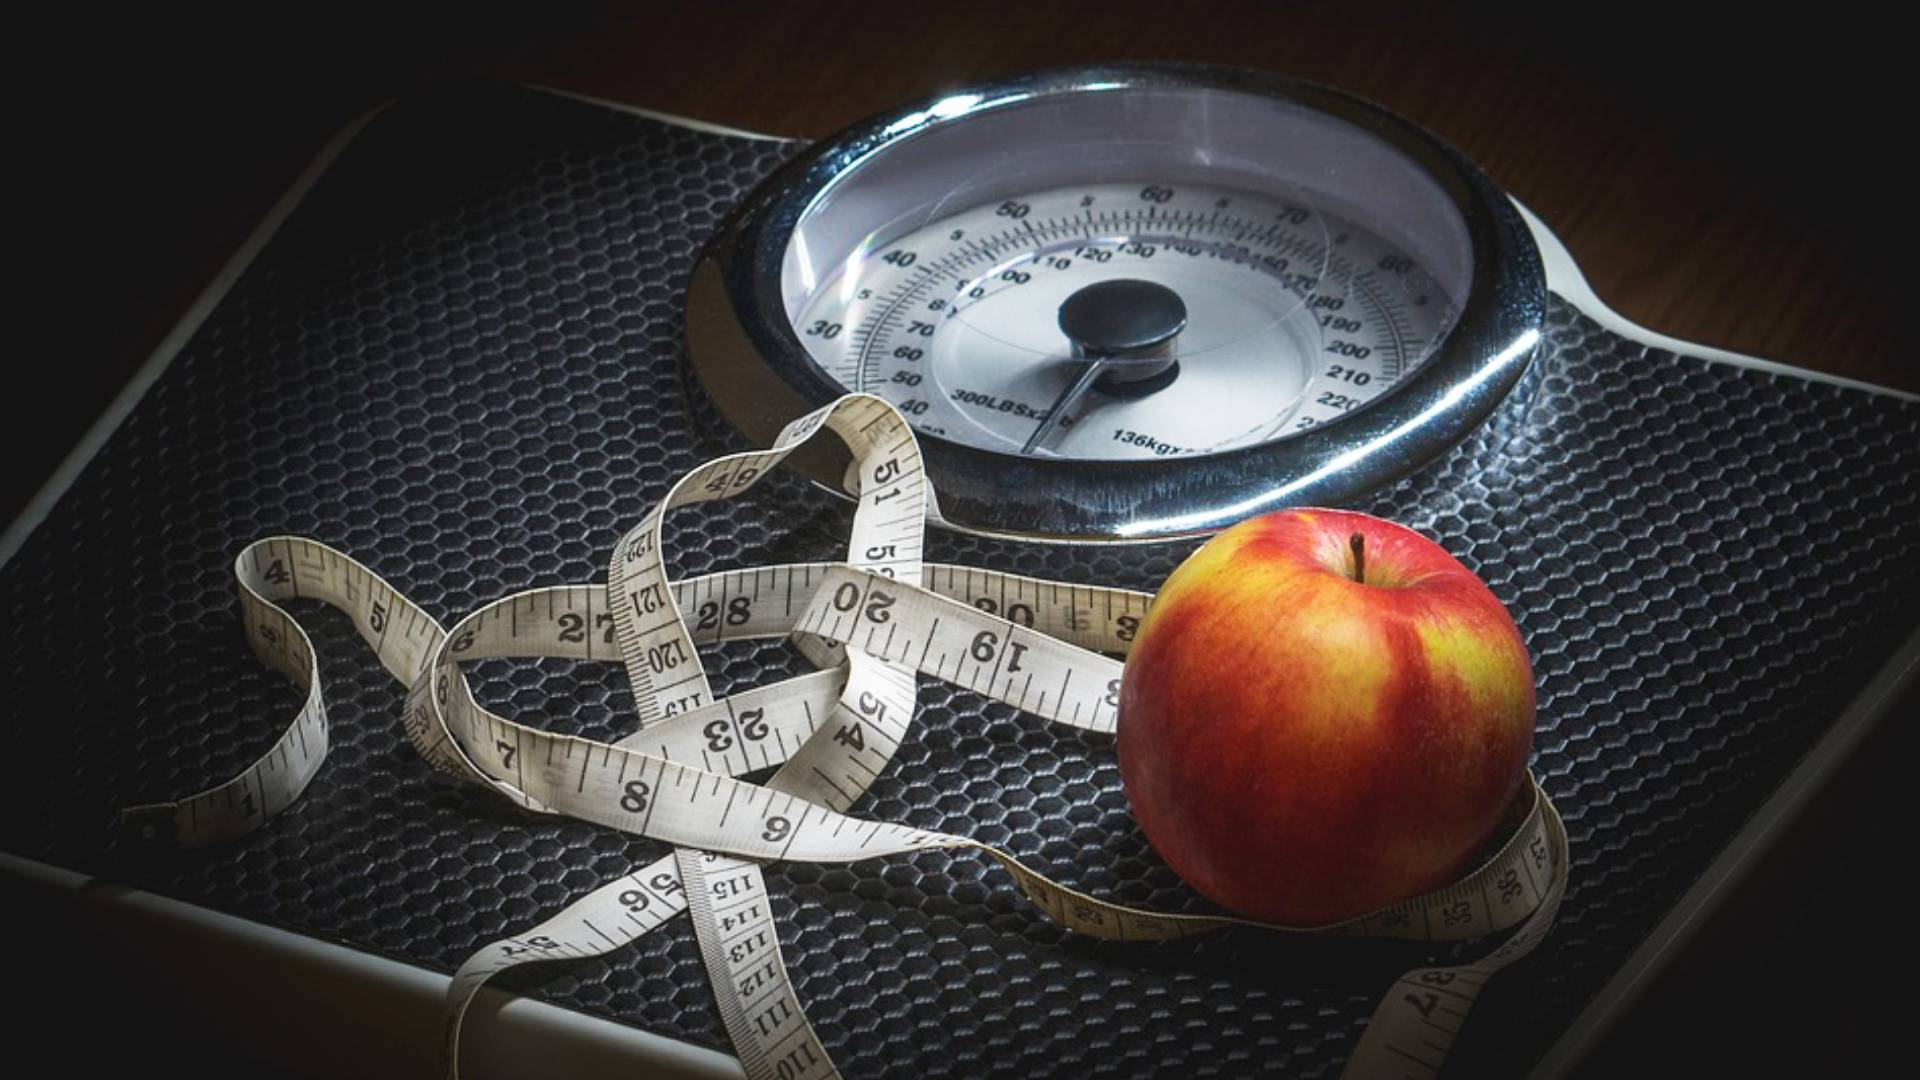 Weight Loss Tips: मोटी से मोटी तोंद भी दो हफ्तों में हो जाएंगी गायब, इन सुपरफूड्स को अपने रूटीन में करें शामिल